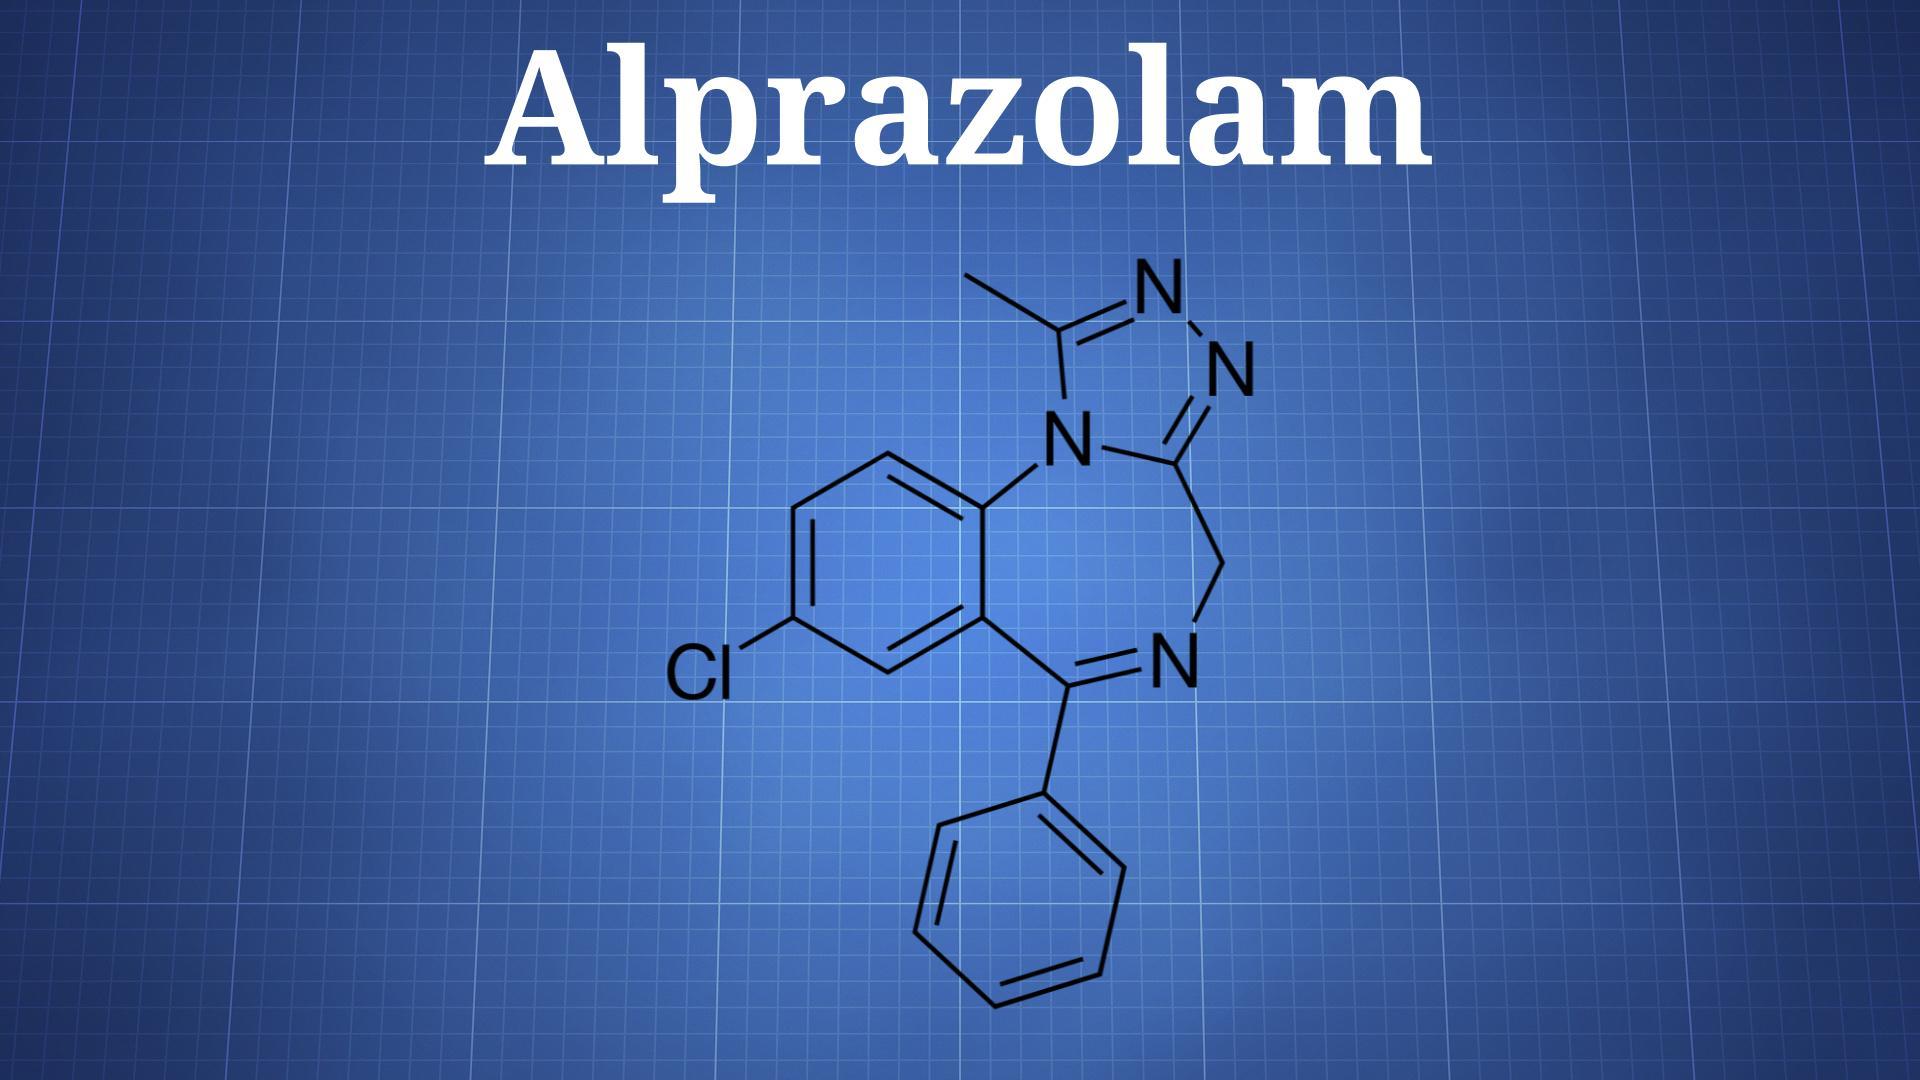 Alprazolam The Drug Classroom